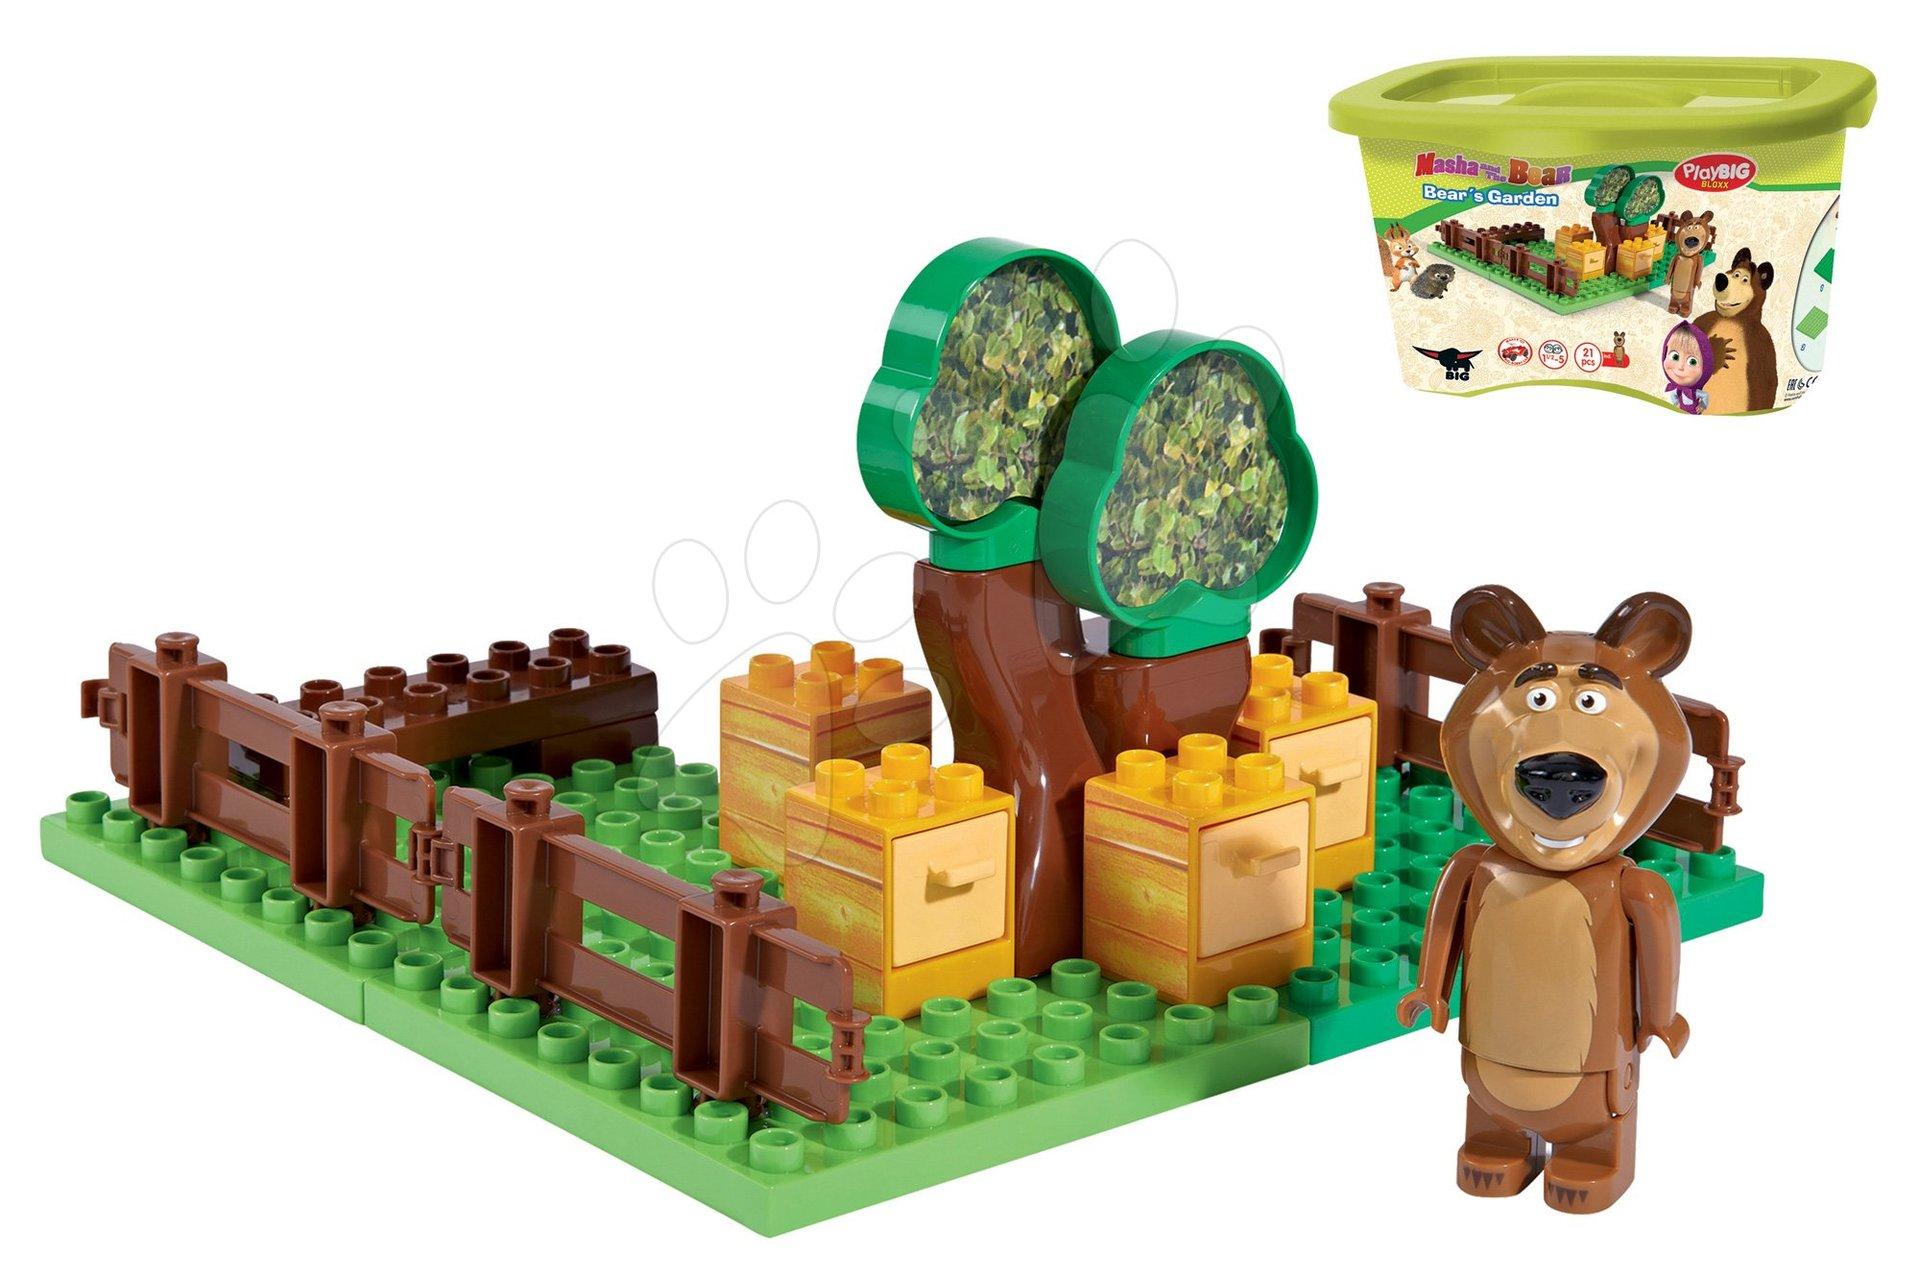 Stavebnice BIG-Bloxx ako lego - Stavebnica Máša a medveď v záhradke PlayBIG Bloxx BIG s 1 figúrkou 21 dielov od 1,5-5 rokov